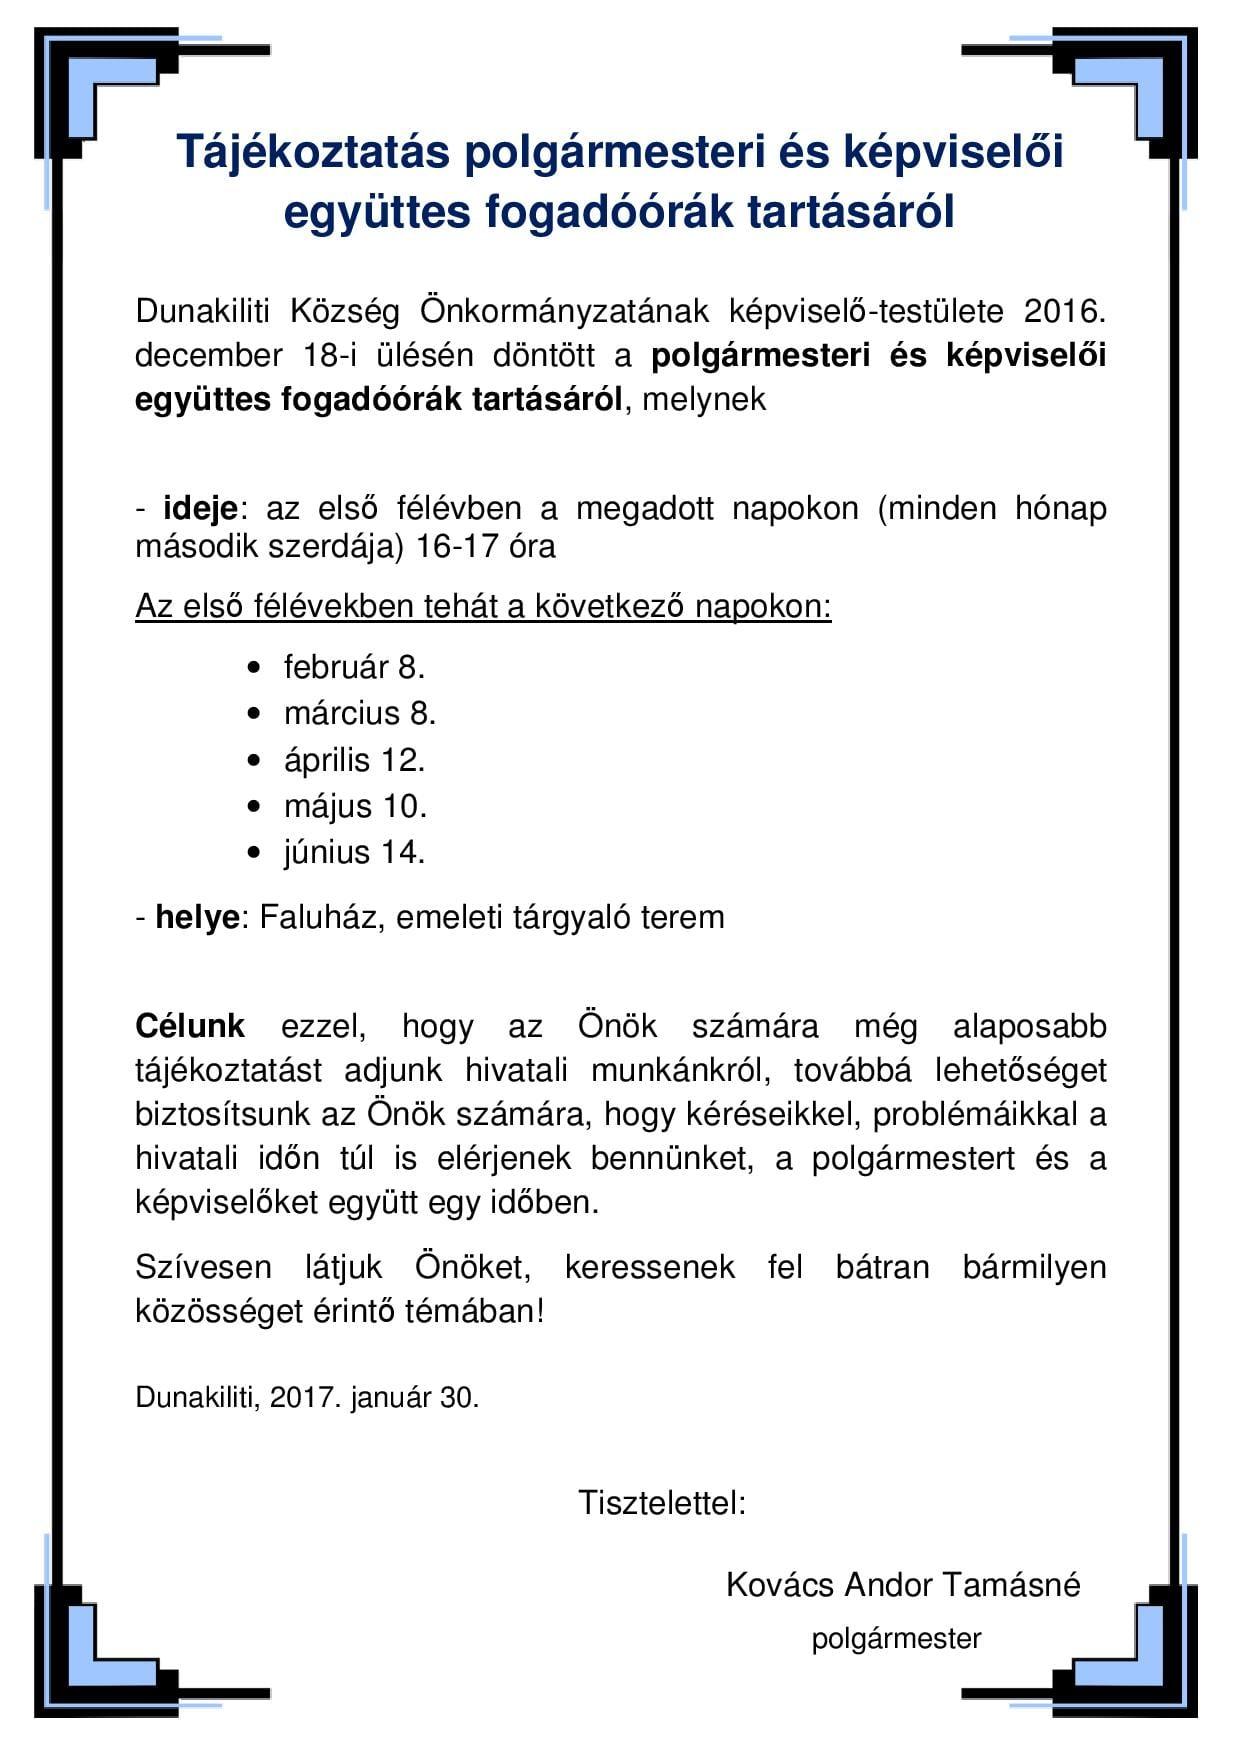 Tájékoztatás polgármesteri és képviselői együttes fogadóórák tartásáról_új